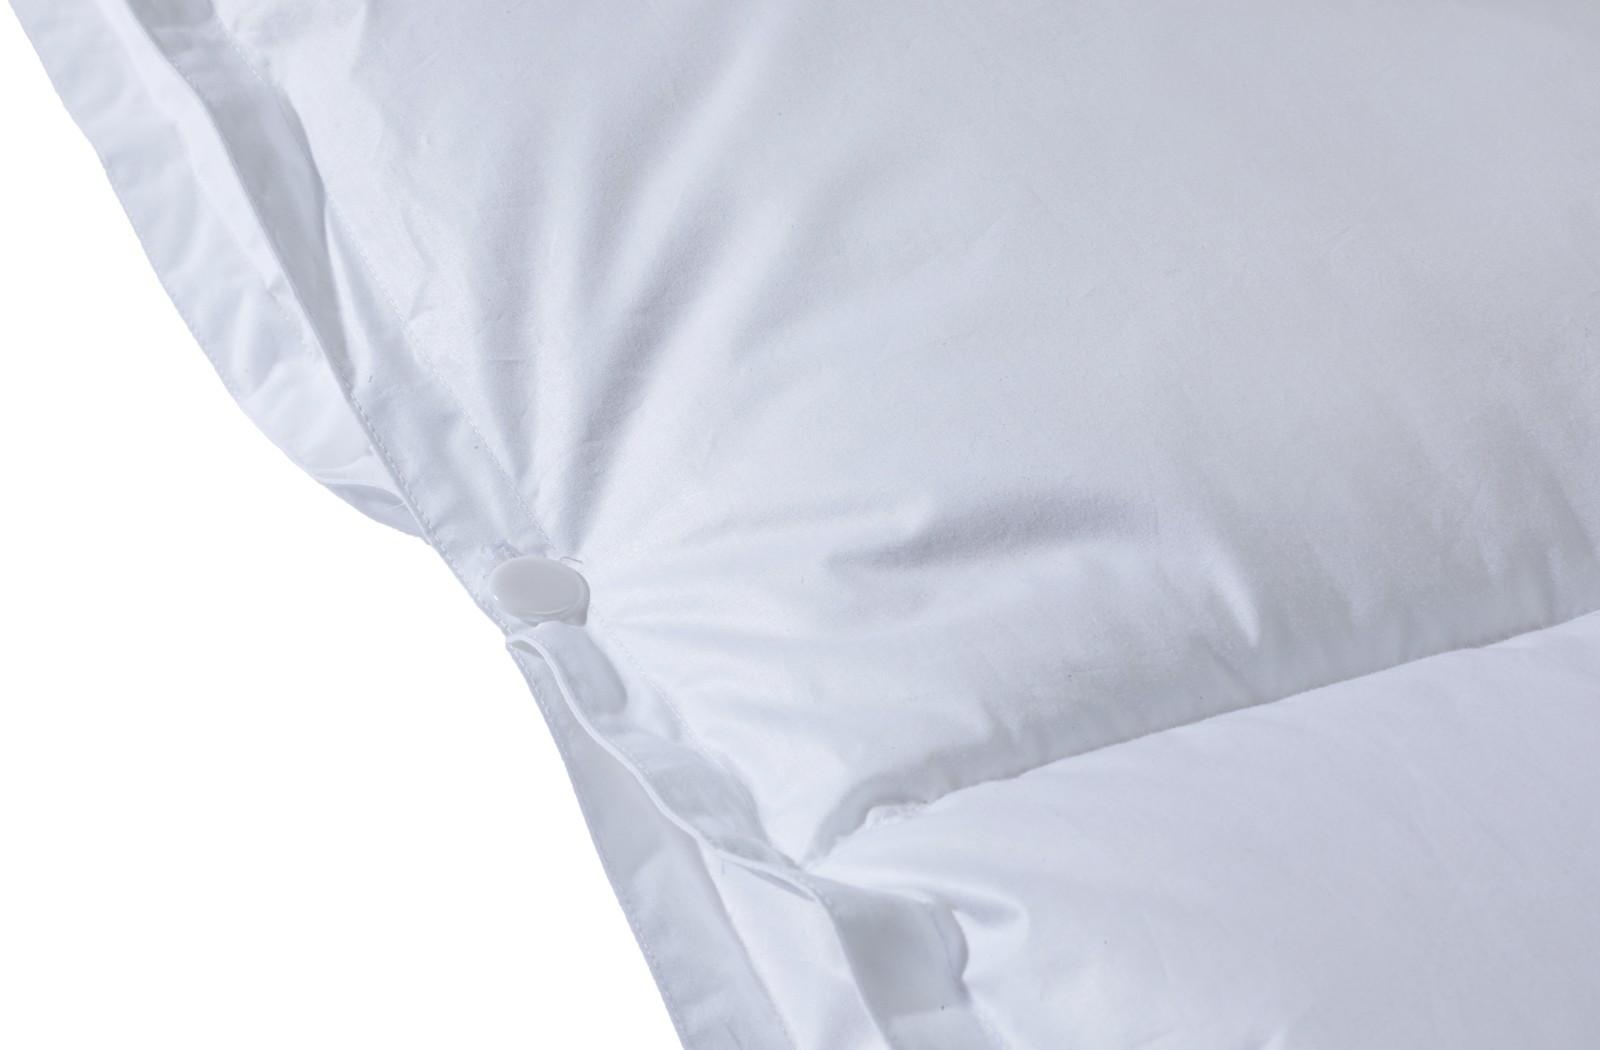 Bettdecke Vier-Jahreszeiten Daunendecke 100% Daune 155x220 Christina – Bild 3